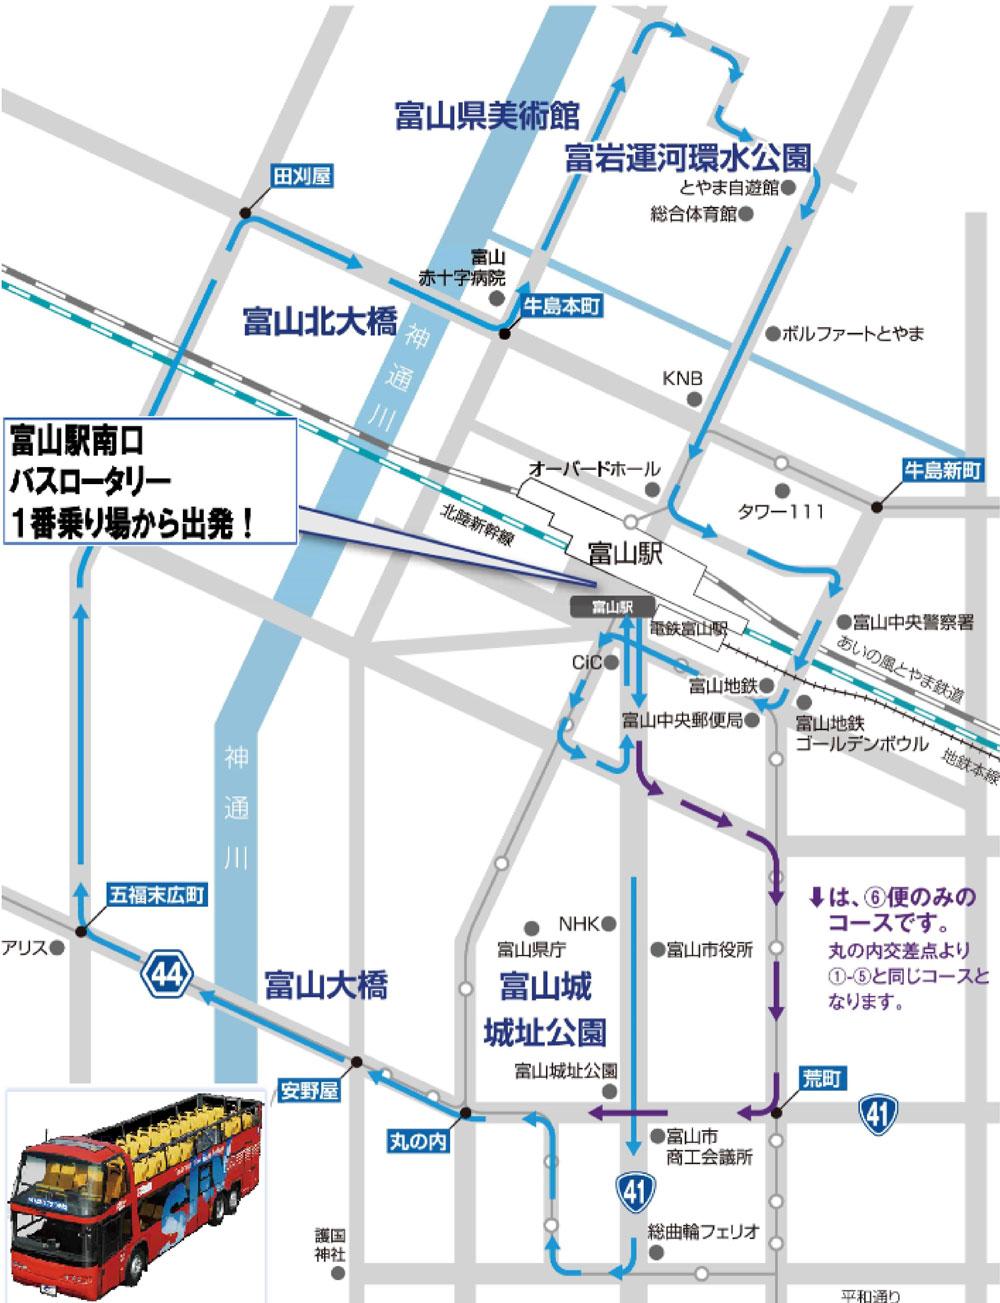 「スカイバス富山2019年8月」市内観光ができるオープンデッキ観光バスのルートマップ